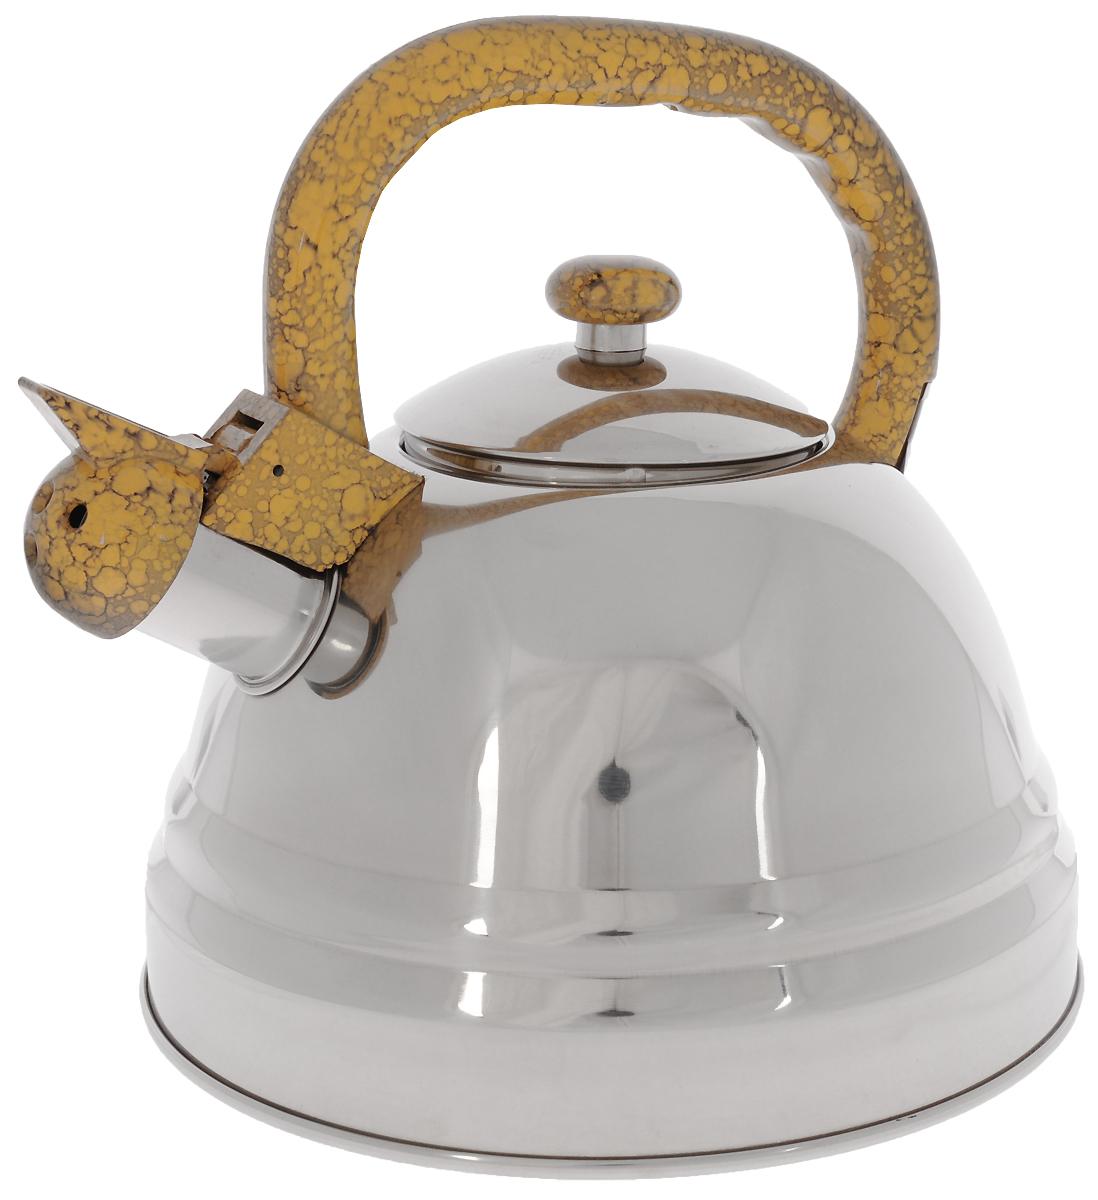 Чайник Bekker Koch со свистком, 3 л. BK-S337BK-S337Чайник Bekker Koch выполнен из высококачественной нержавеющей стали, что обеспечивает долговечность использования. Внешнее зеркальное покрытие придает приятный внешний вид. Пластиковая фиксированная ручка делает использование чайника очень удобным и безопасным. Чайник снабжен свистком и устройством для открывания носика. Изделие оснащено капсулированным дном для лучшего распространения тепла.Можно мыть в посудомоечной машине. Пригоден для всех видов плит кроме индукционных. Высота чайника (без учета крышки и ручки): 13 см.Диаметр основания: 22 см. Толщина стенки: 4 мм.